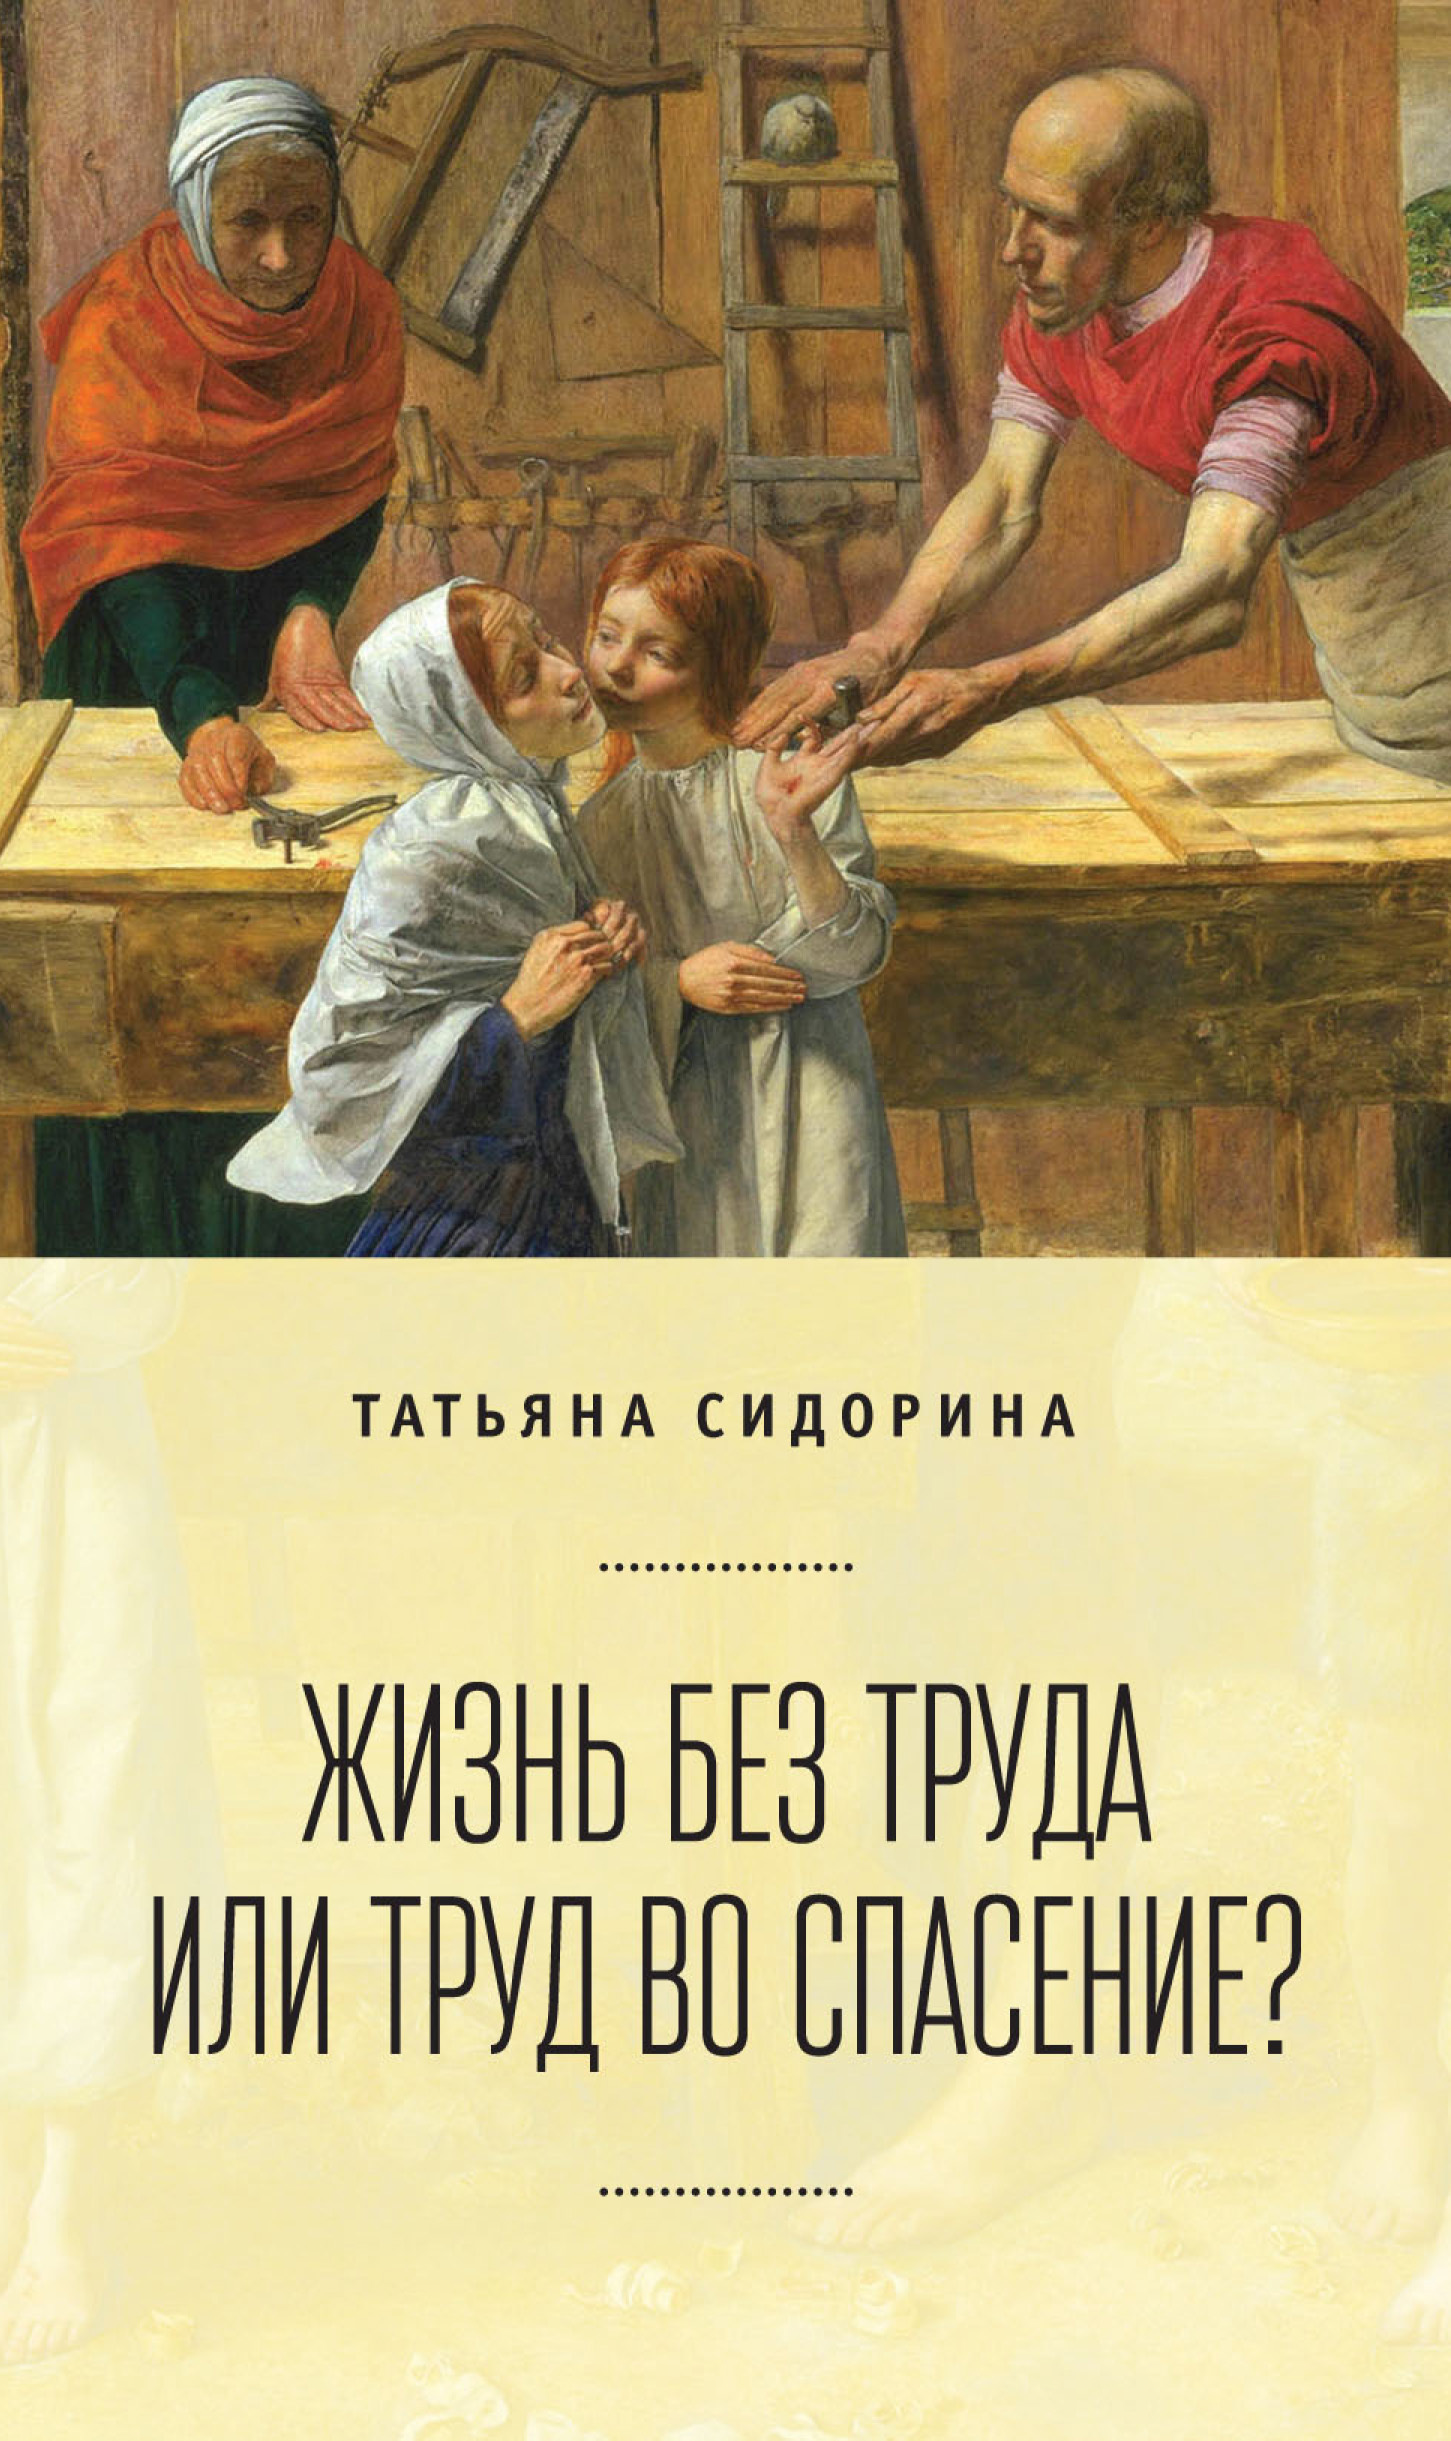 Татьяна Сидорина Жизнь без труда или труд во спасение? жизнь и труд